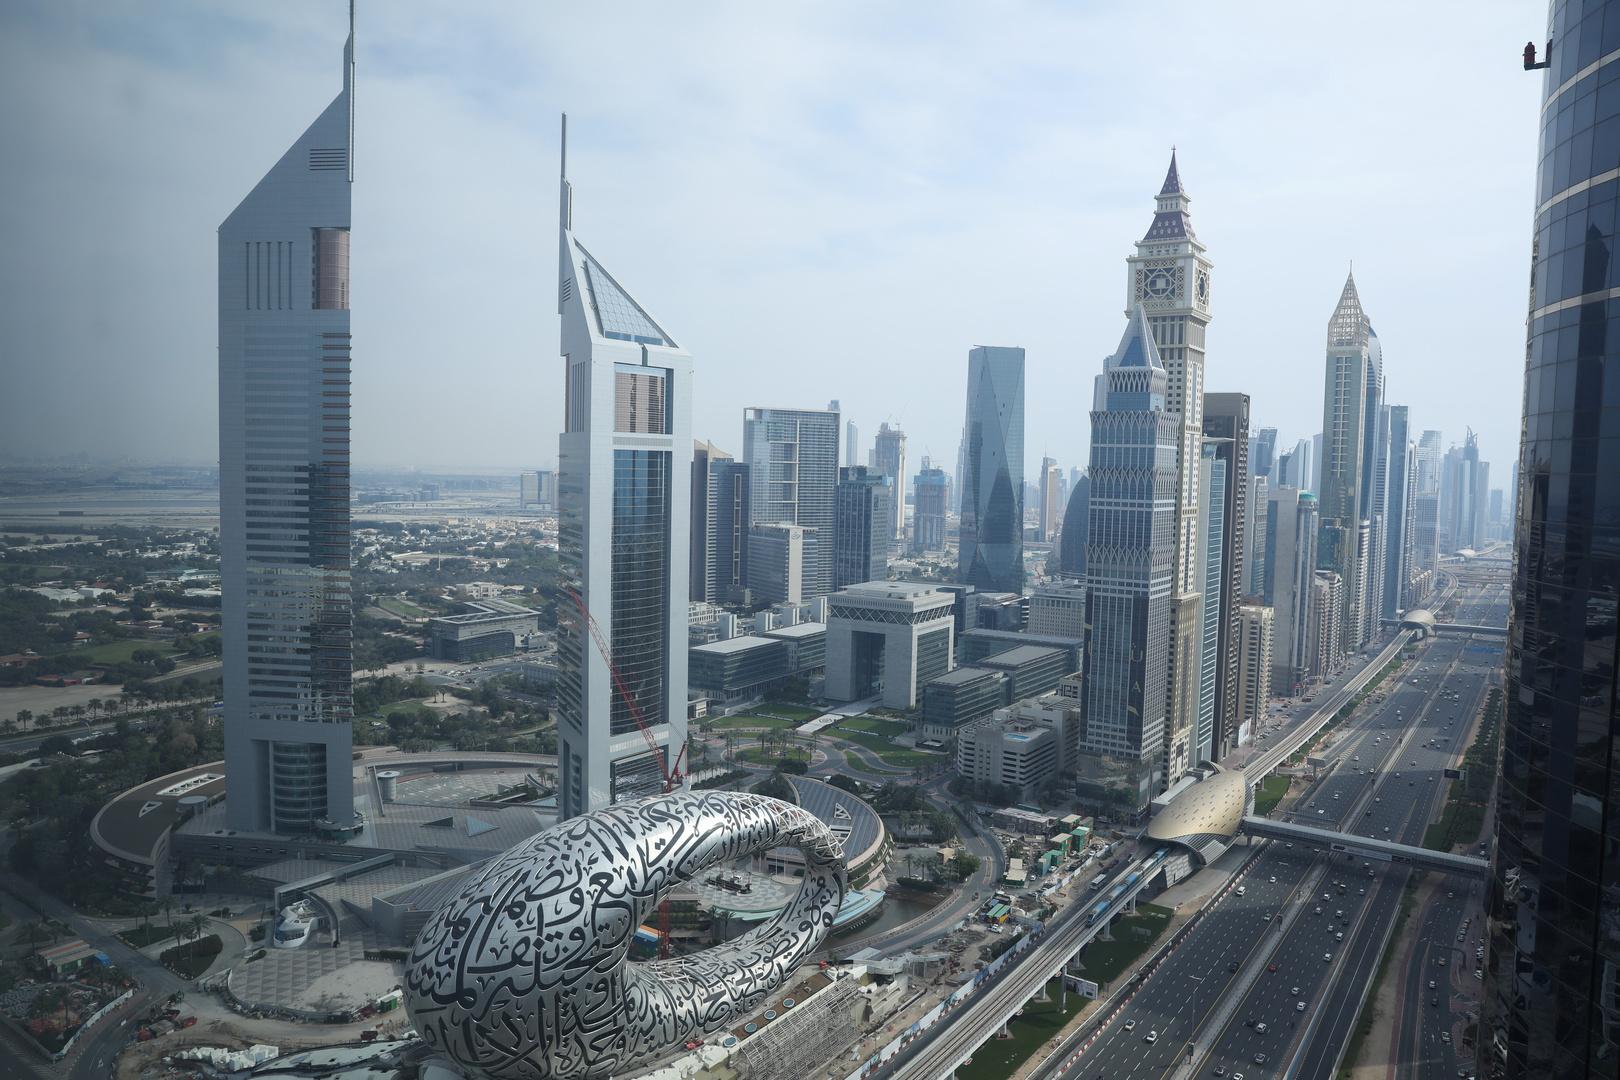 الإمارات تدين محاولة الحوثيين استهداف السعودية بطائرة مفخخة